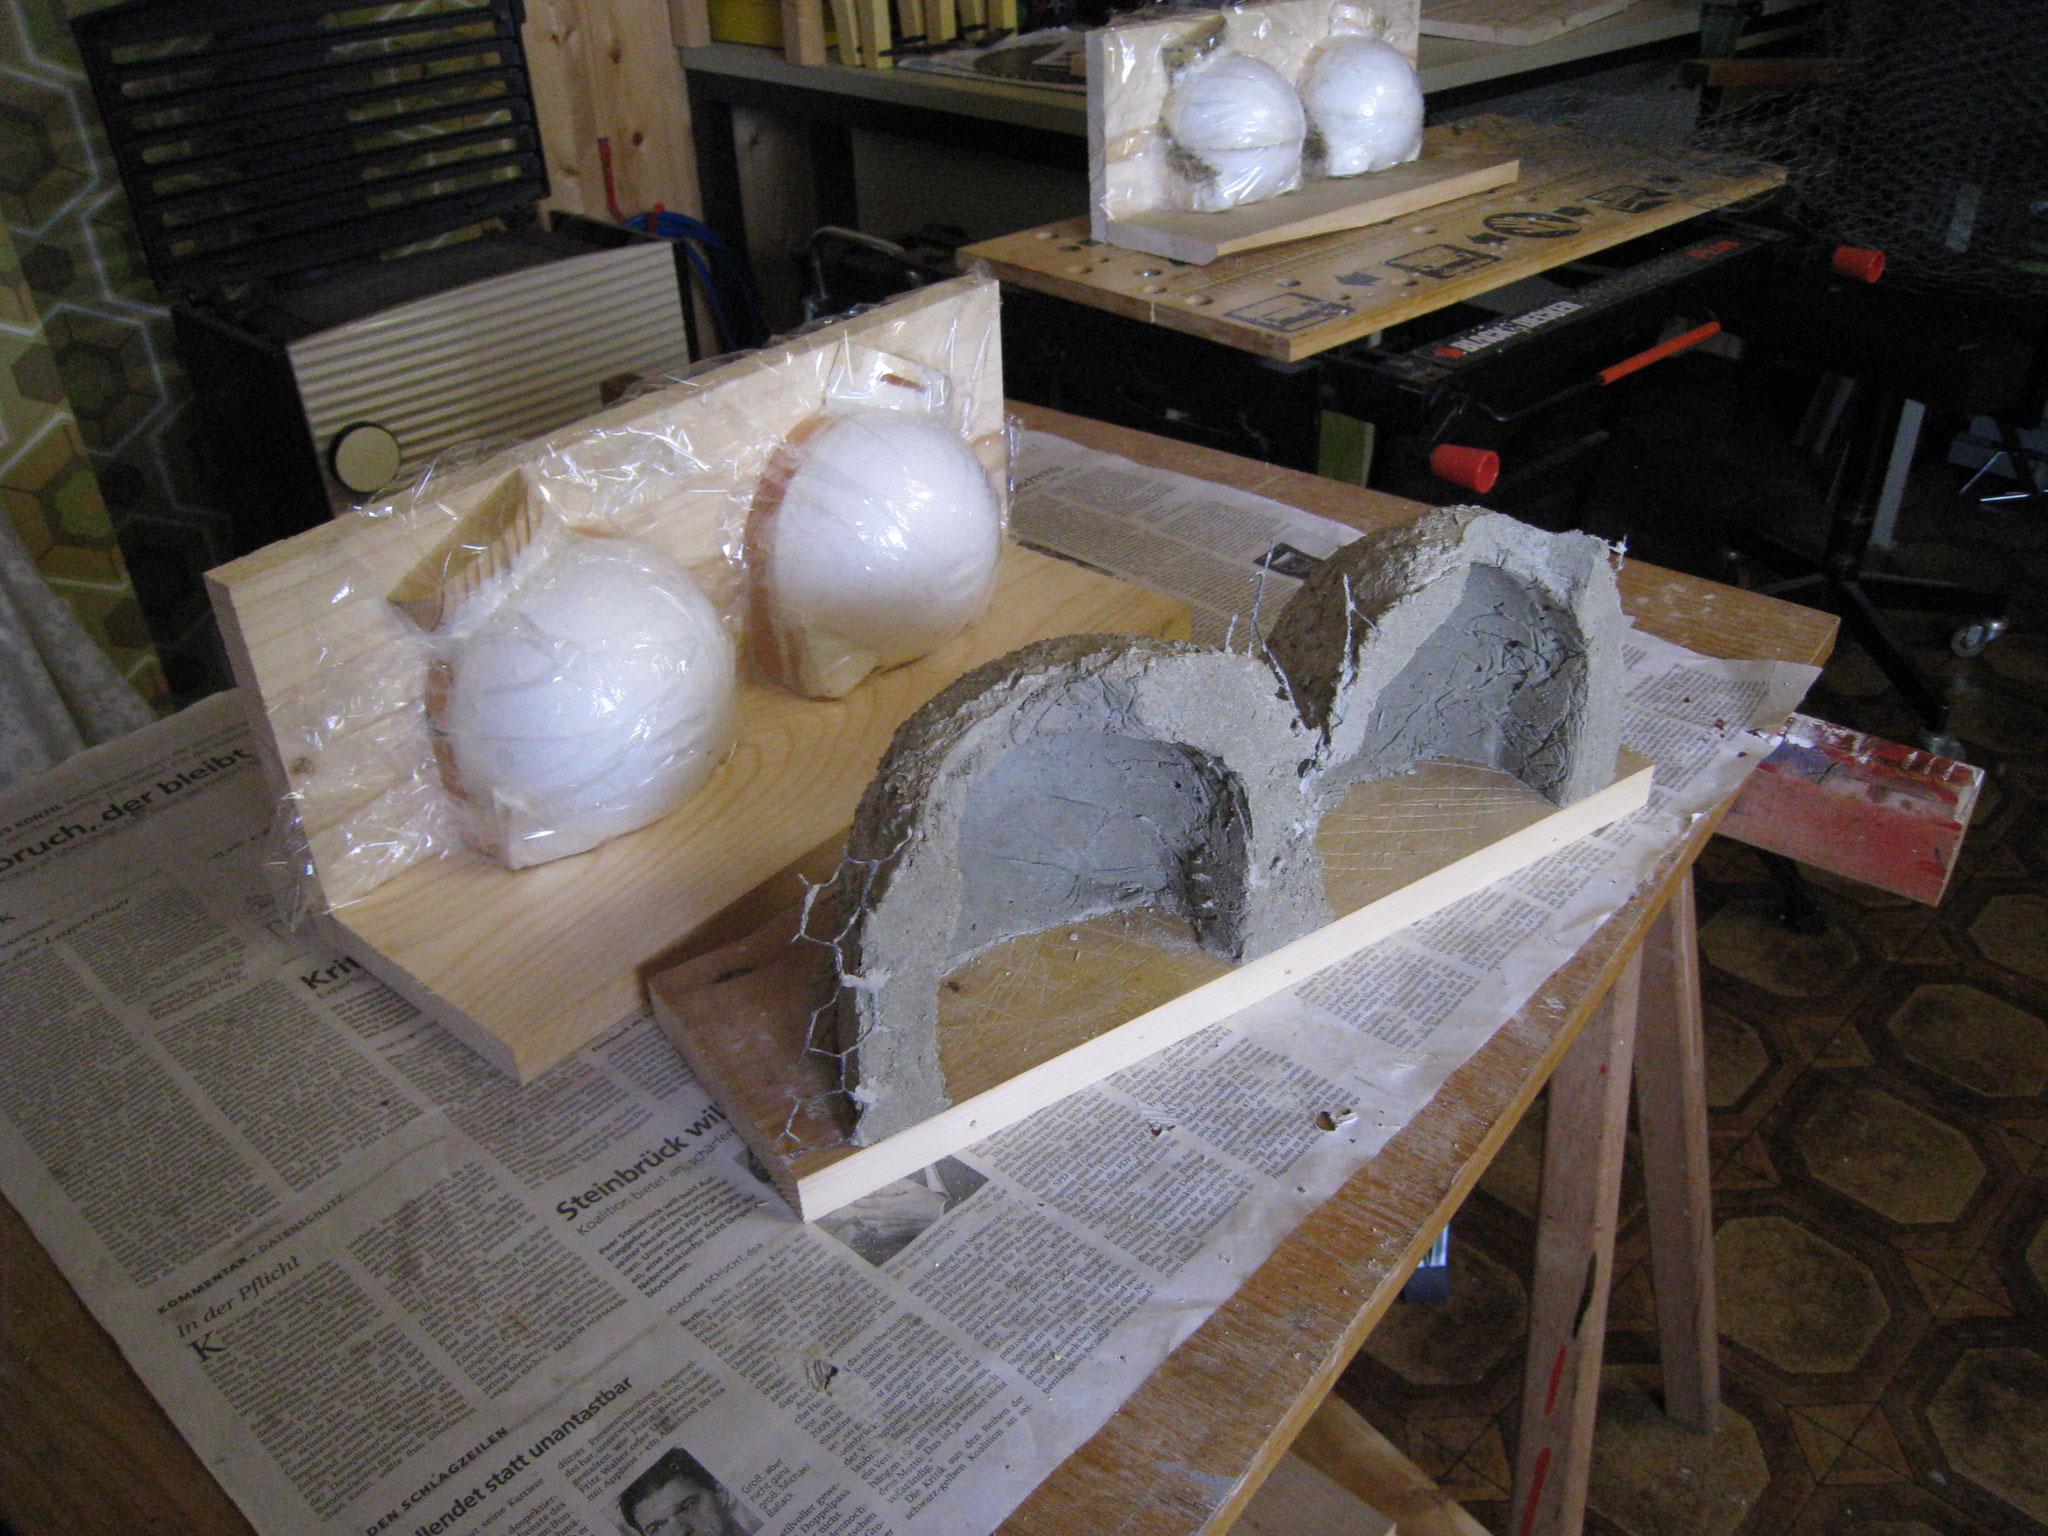 Mehlschwalbennester im Bau mit Formen